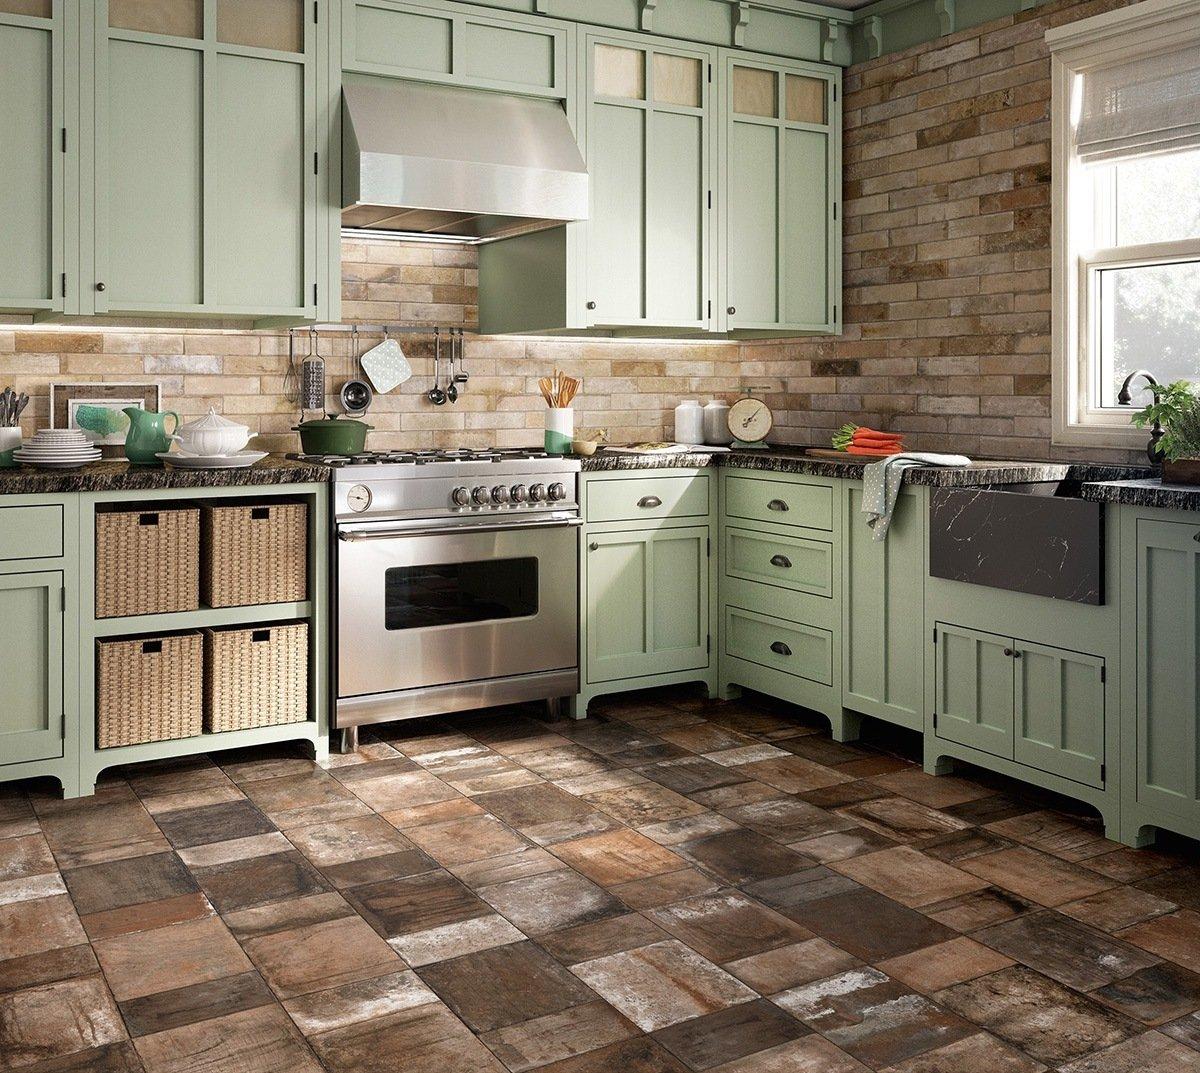 Pastellfarbene Küche im Landhausstil- Tolle Kombination mit Steinen